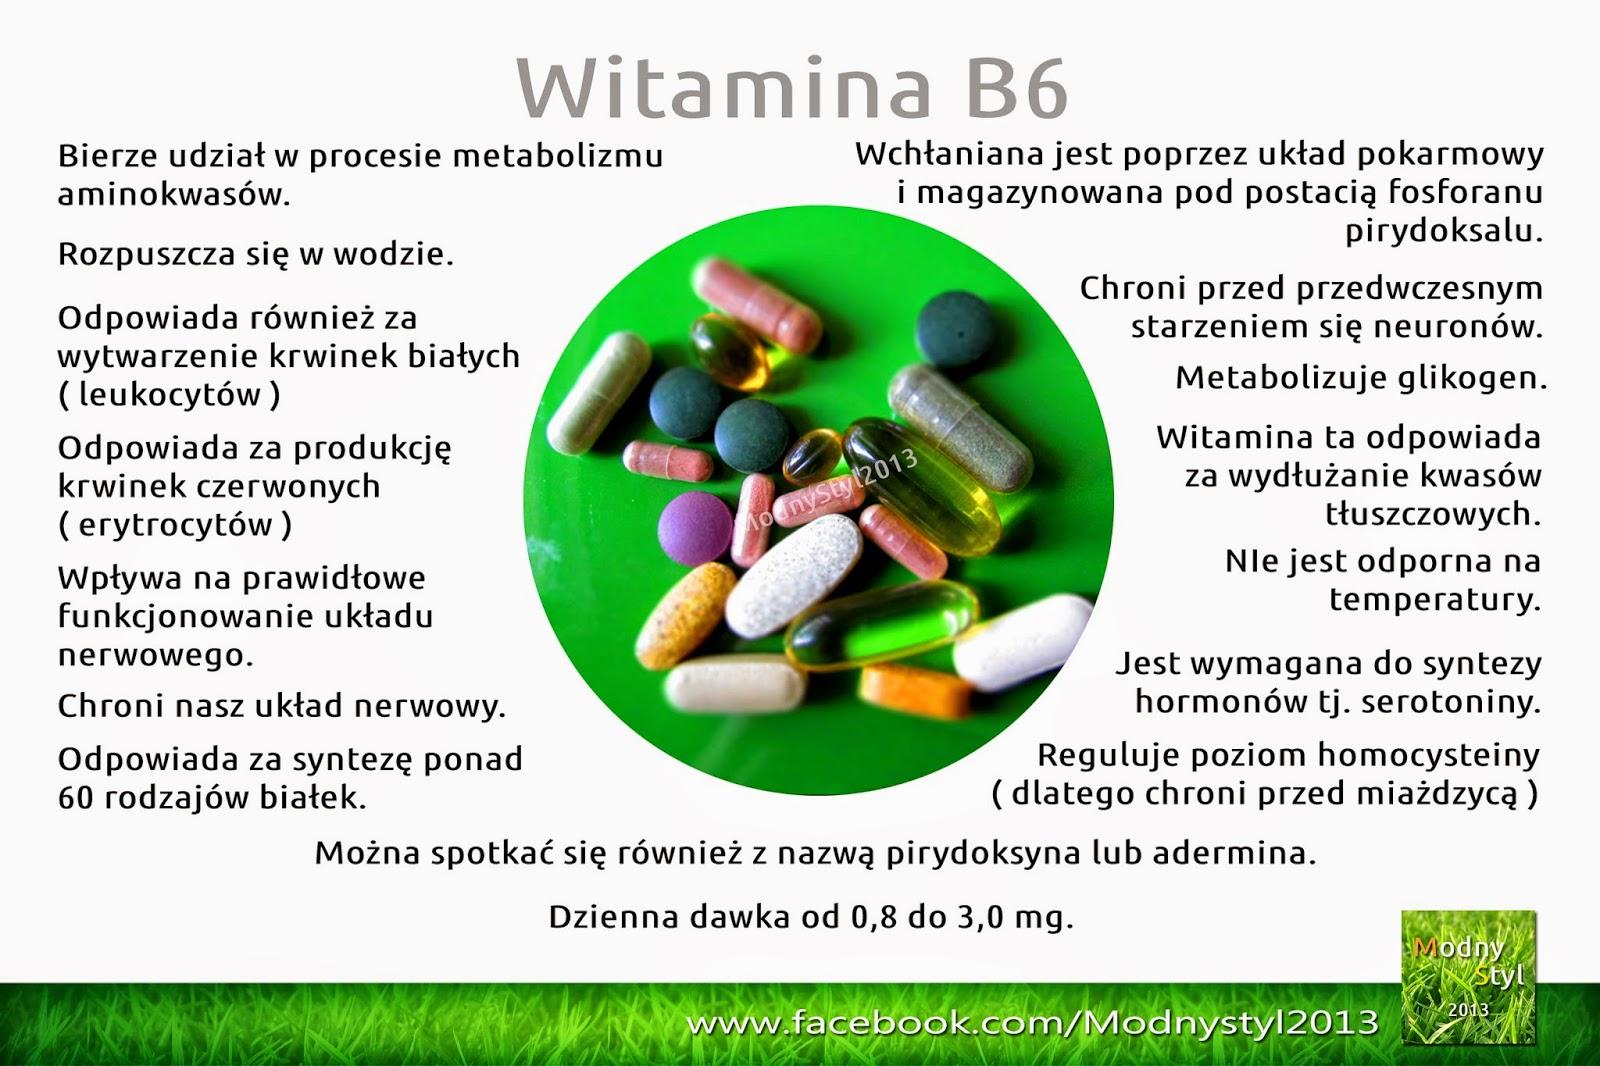 Witamina B6 zwana również pirydoksyną